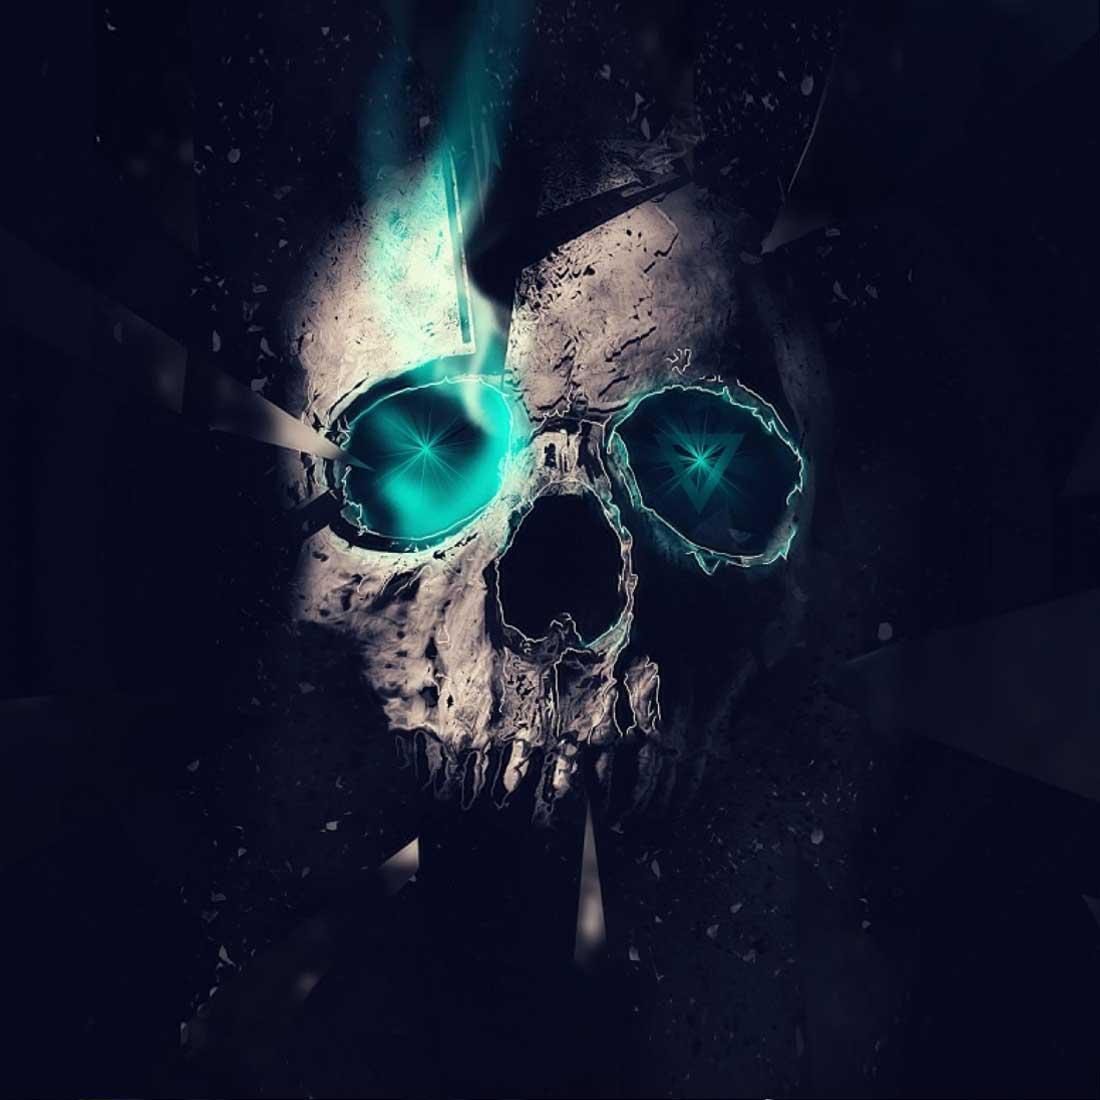 4k Skulls Live Wallpaper For Android Apk Download